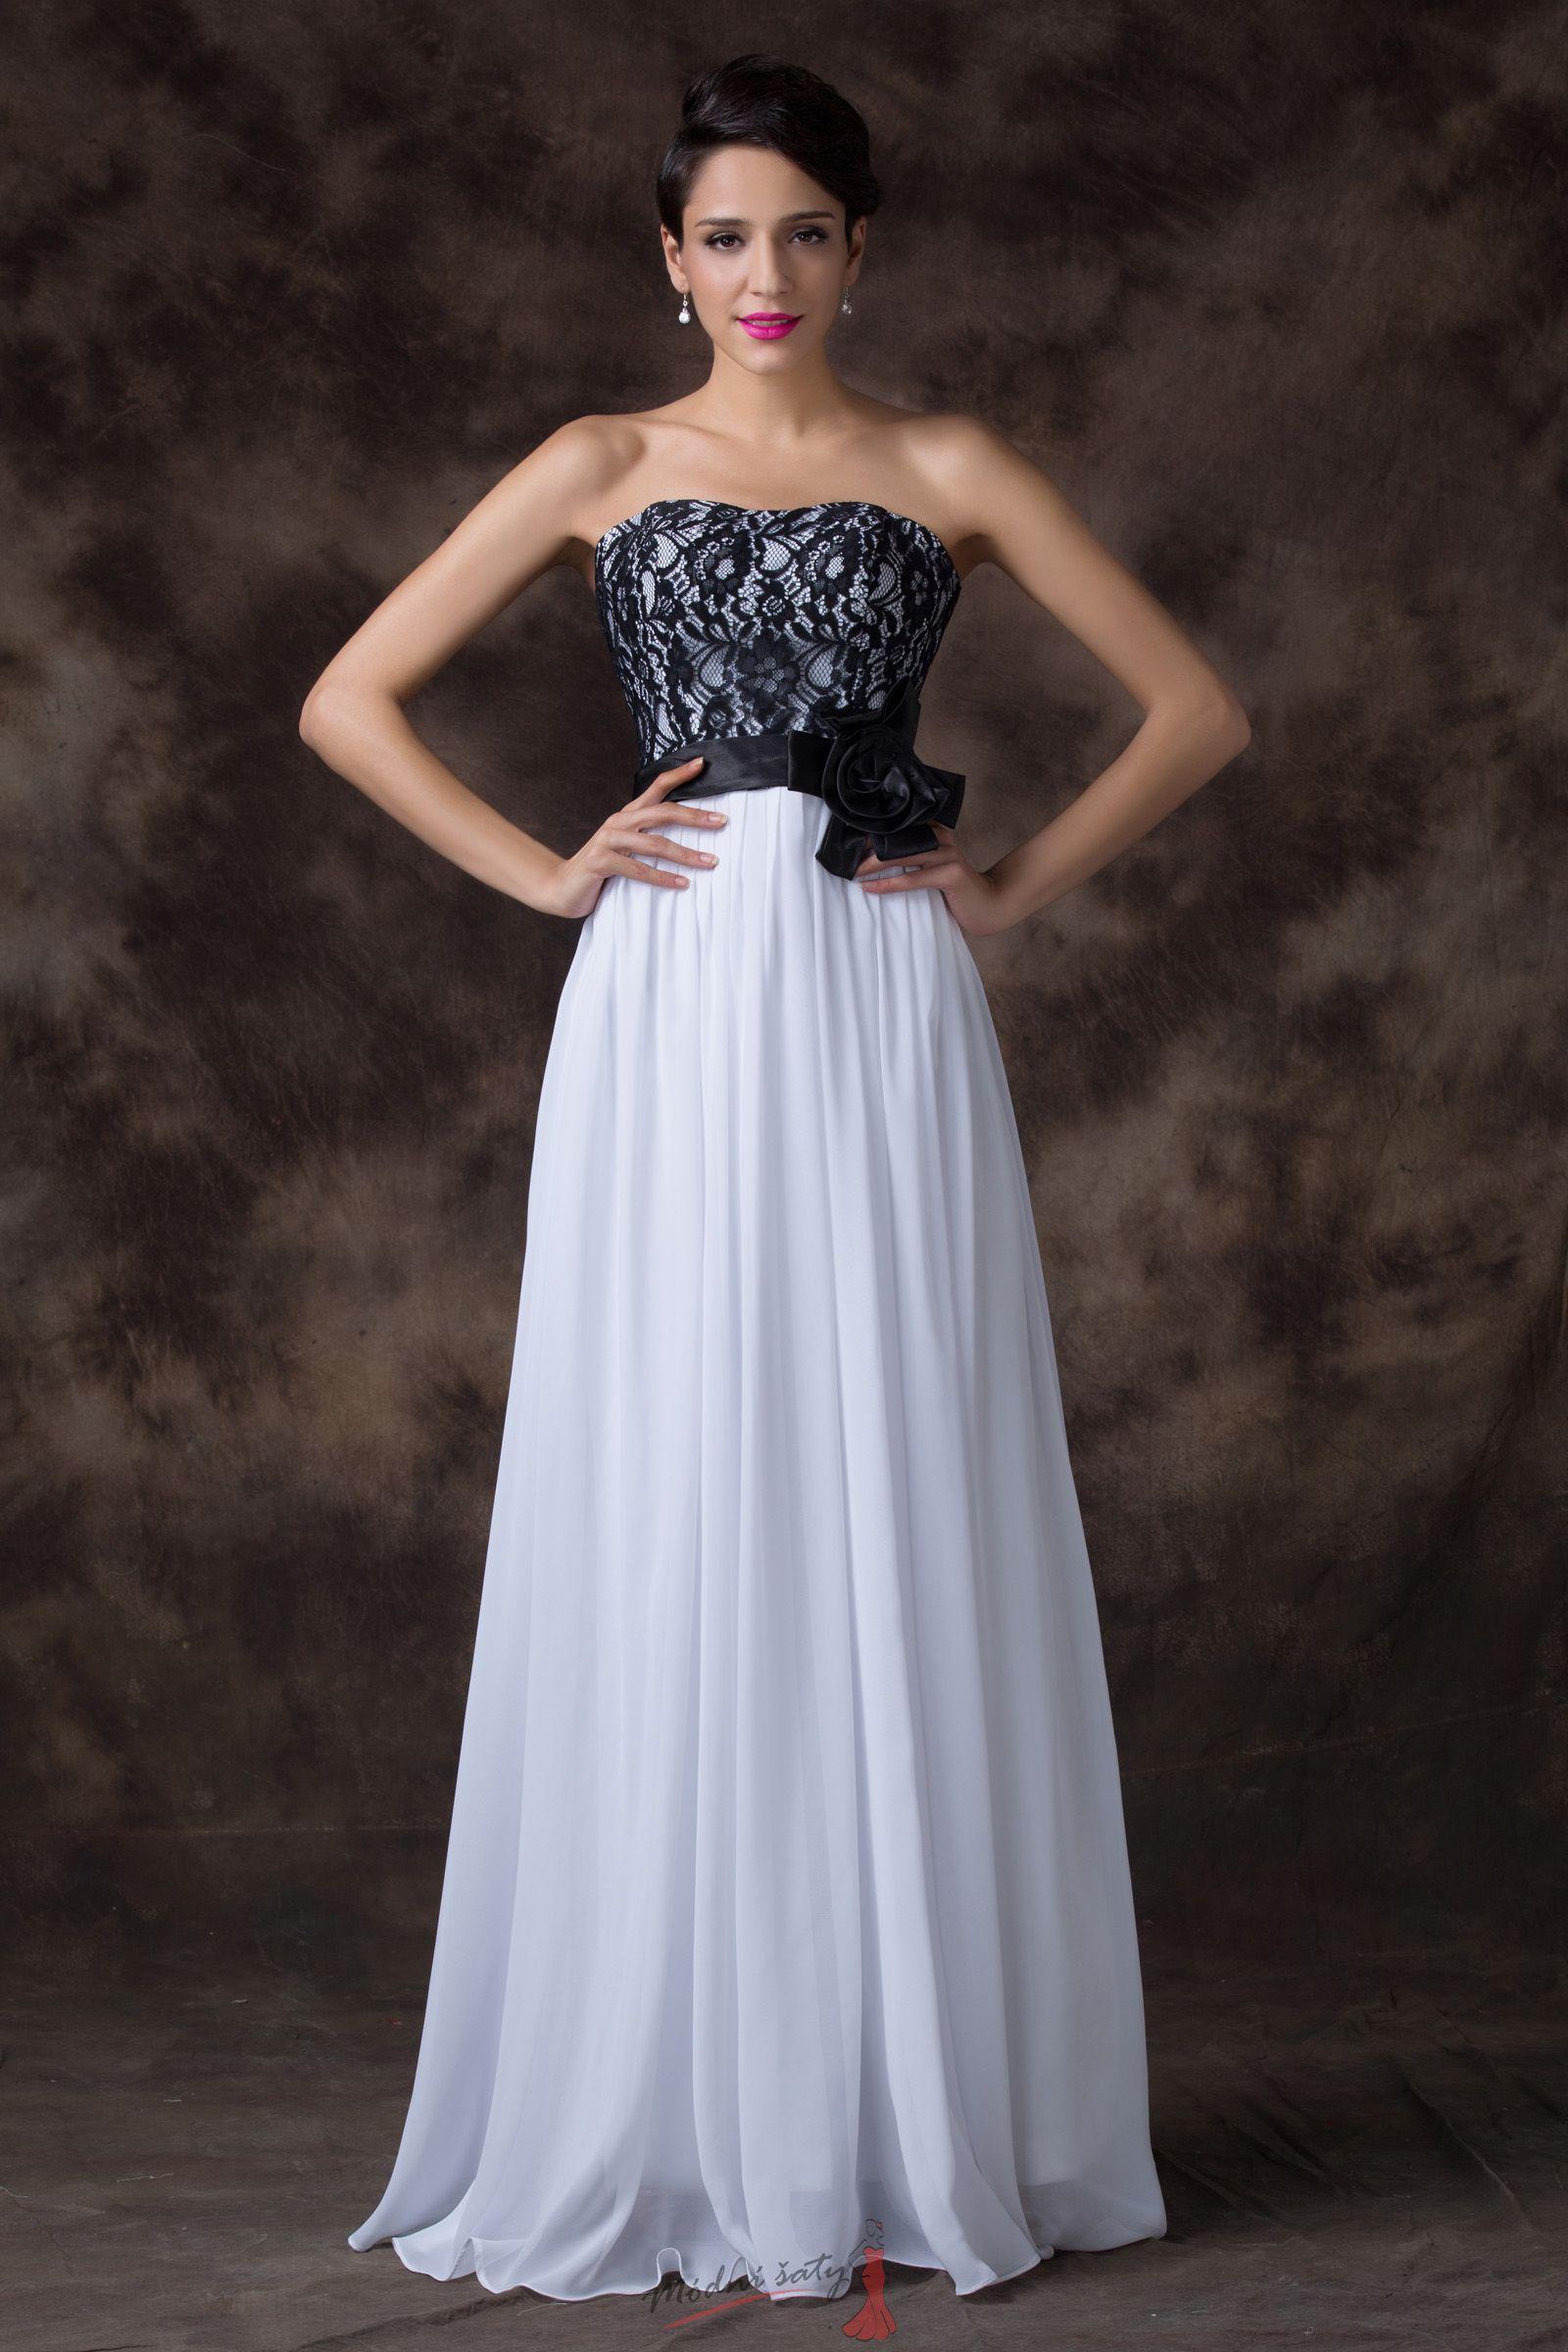 Bílé společenské šaty s černou krajkou 24adf9a13ef